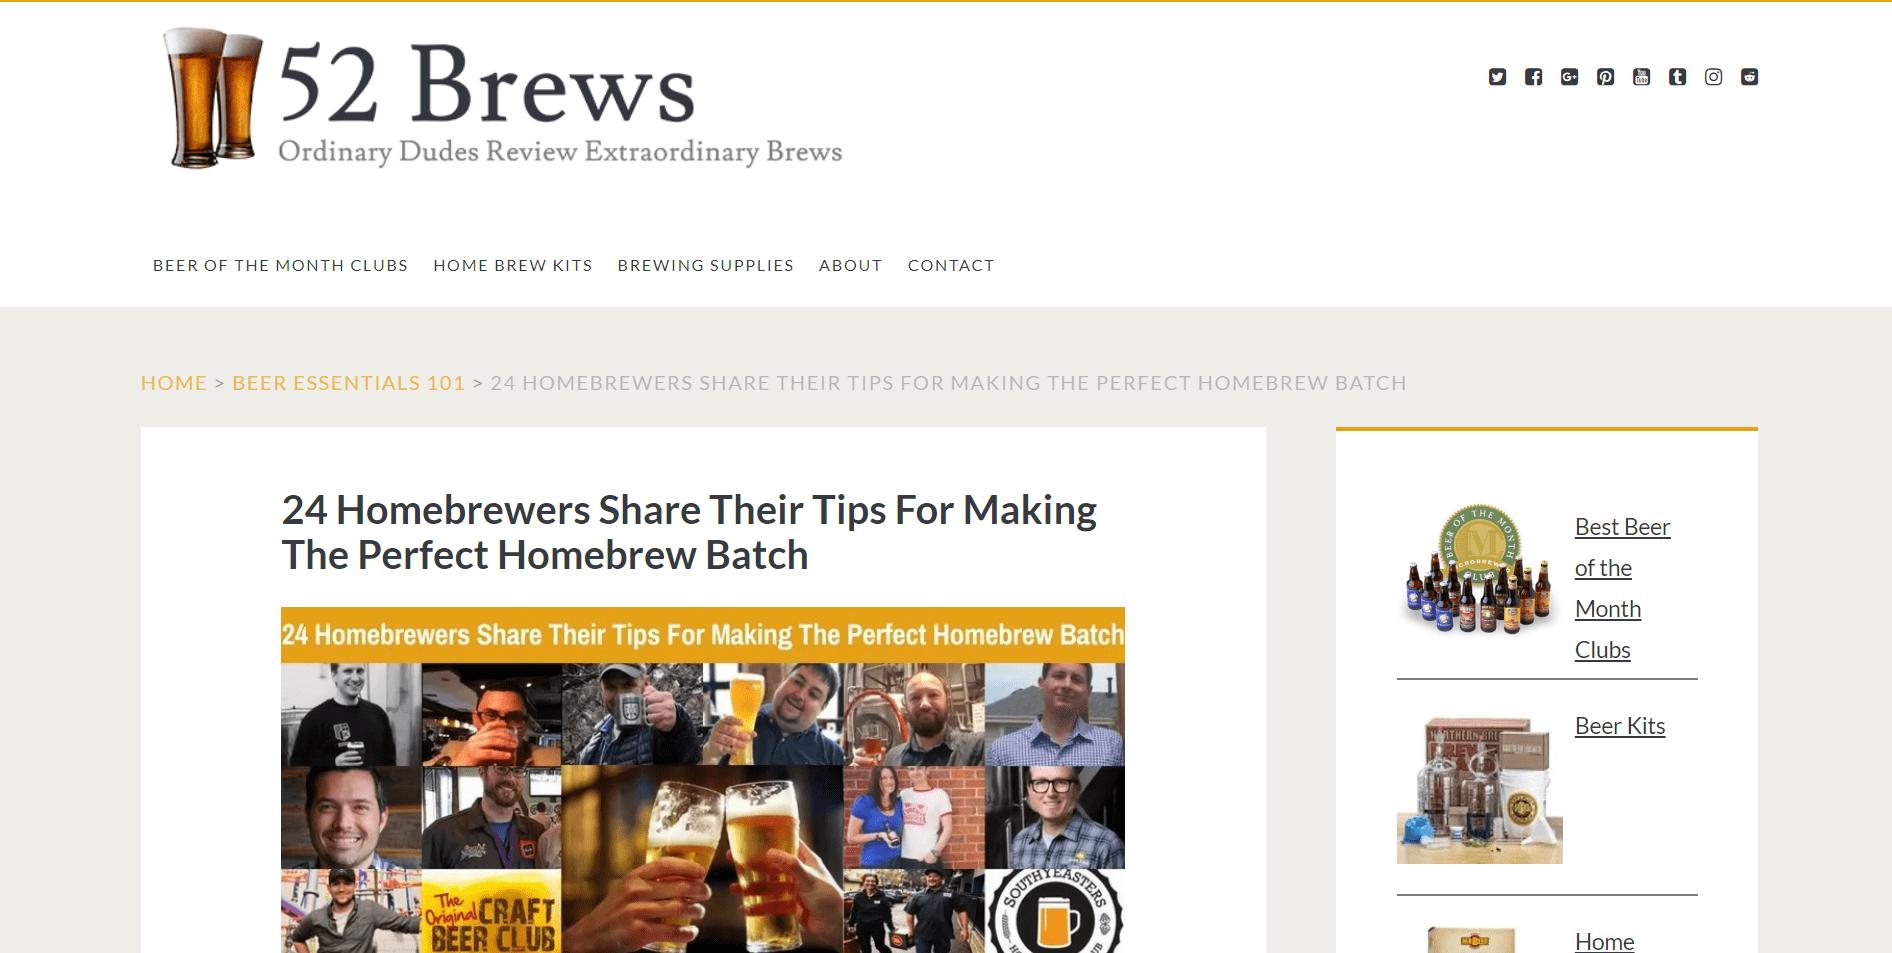 Beer expert roundup by Minuca Elena